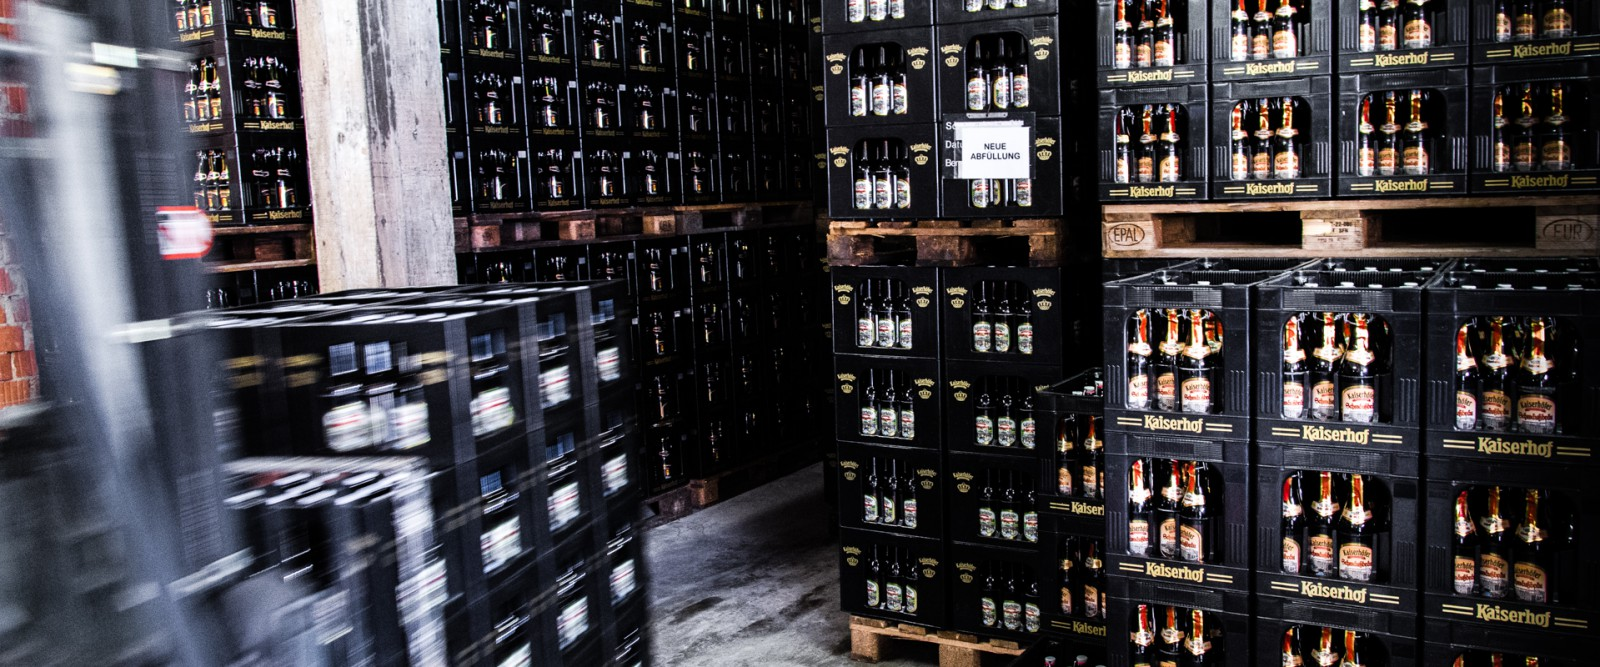 Verkaufsstellen - Kaiserhof Brauerei